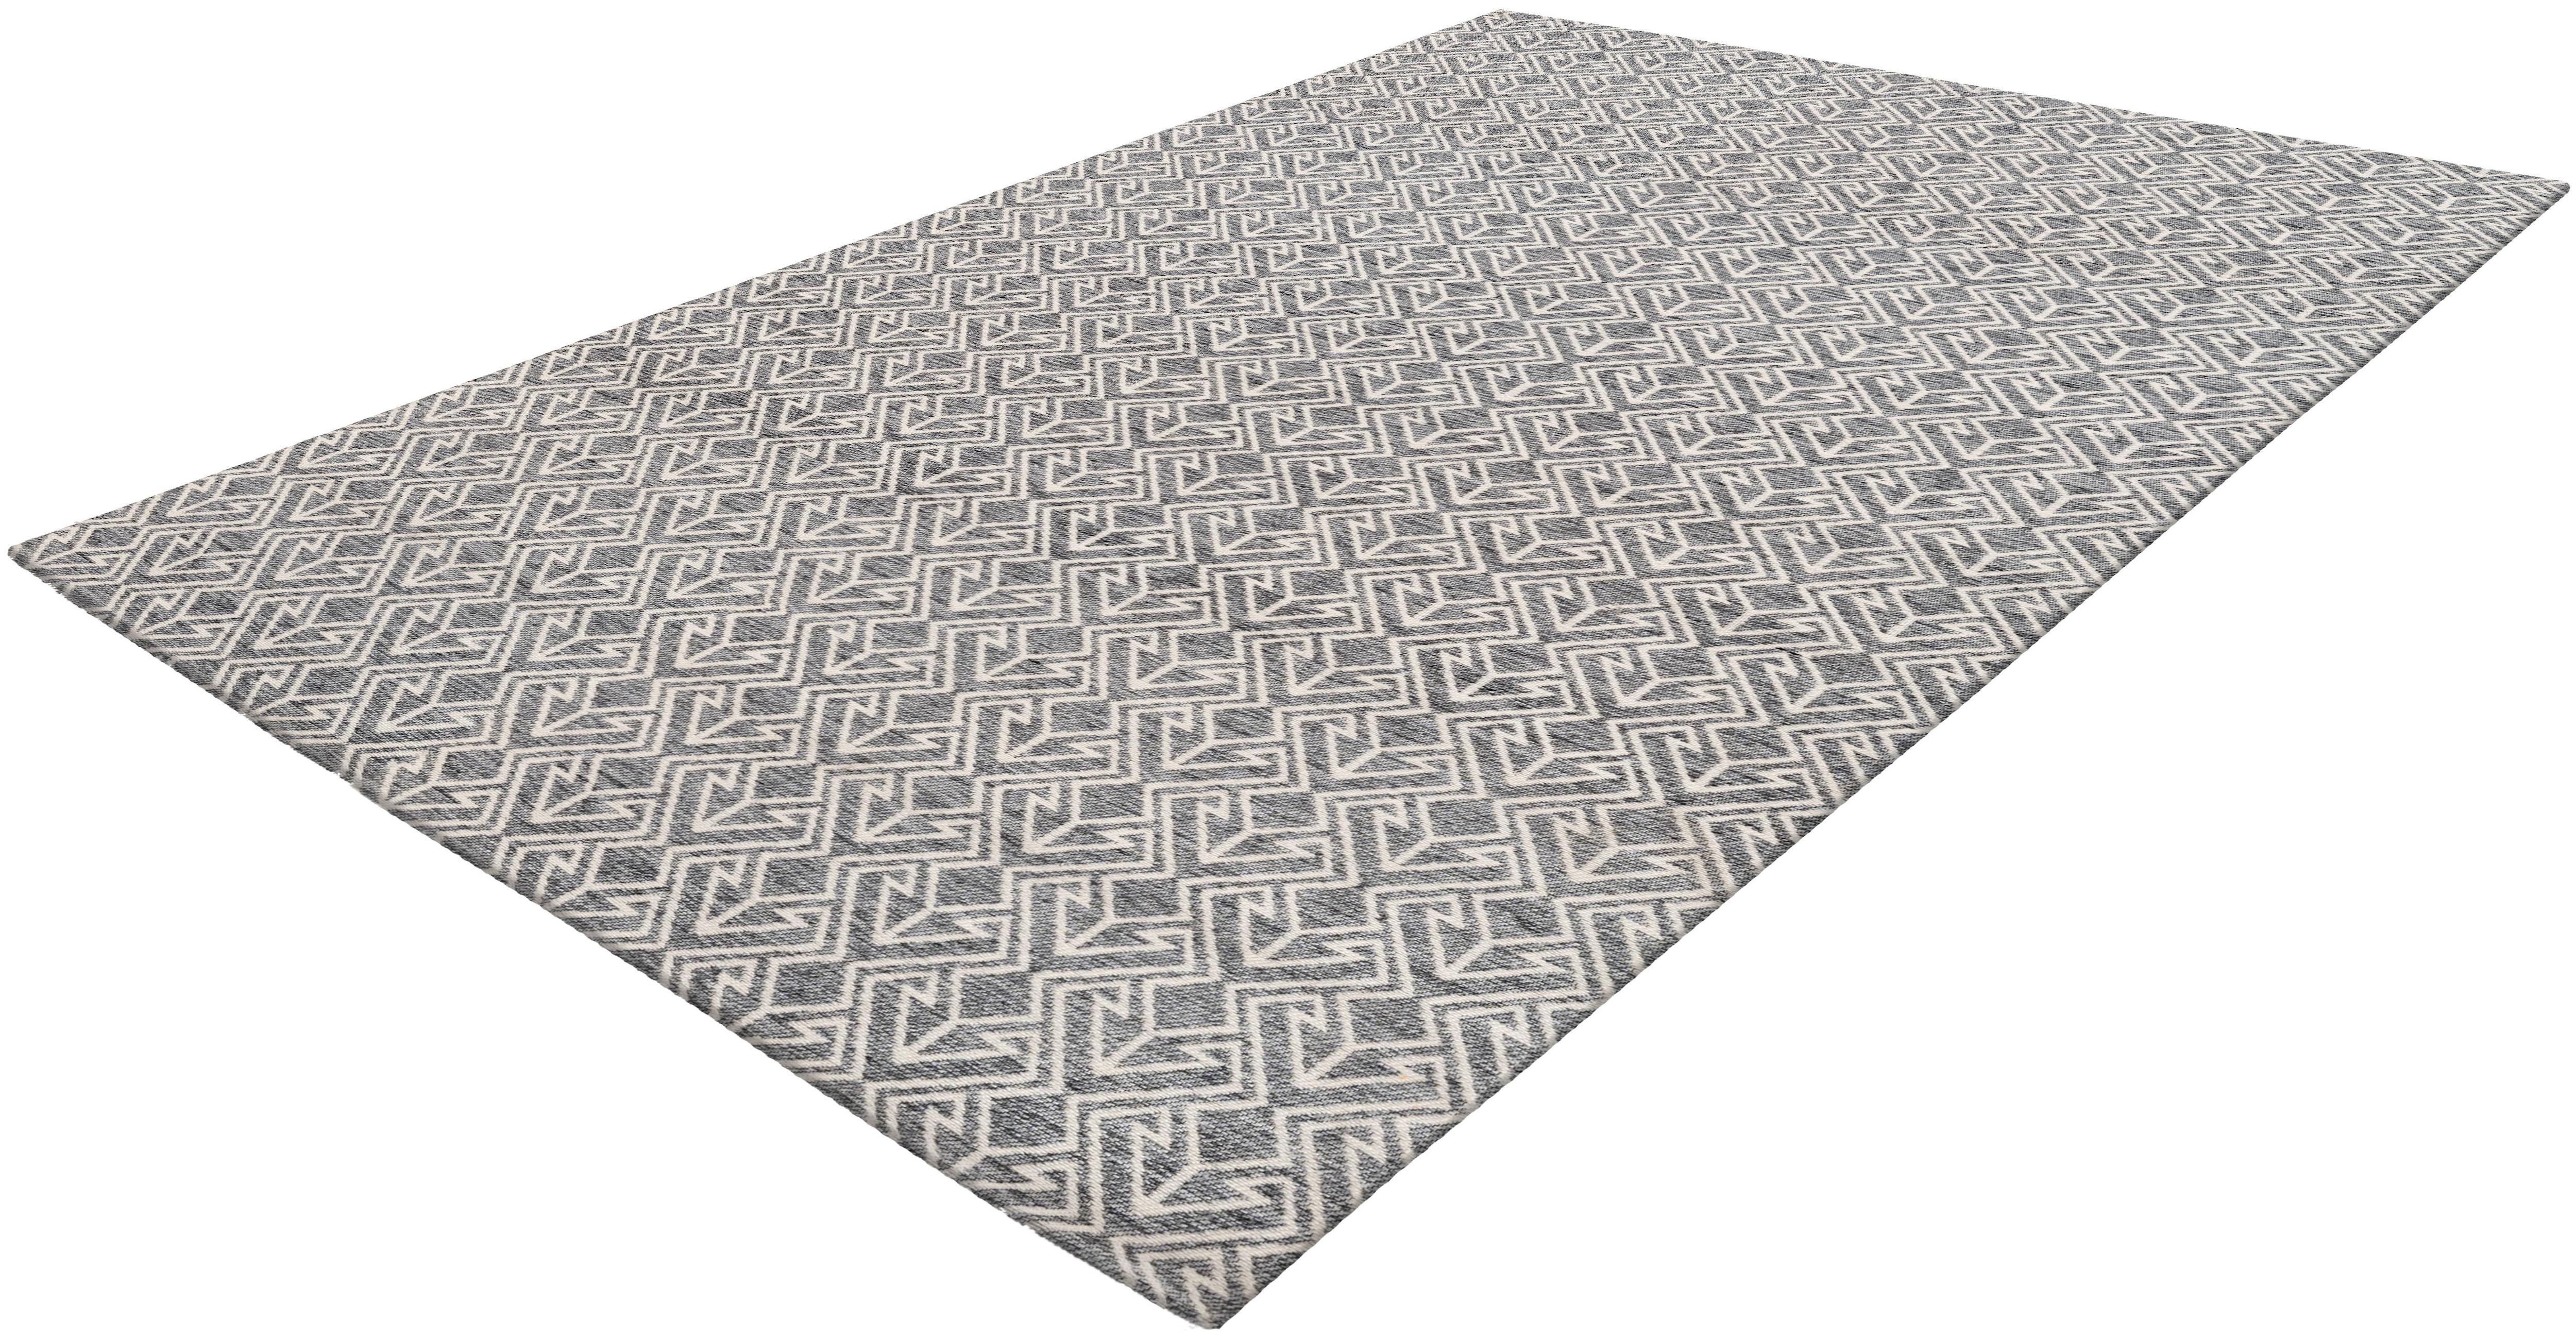 Teppich Yoga 100 Arte Espina rechteckig Höhe 10 mm maschinell gewebt